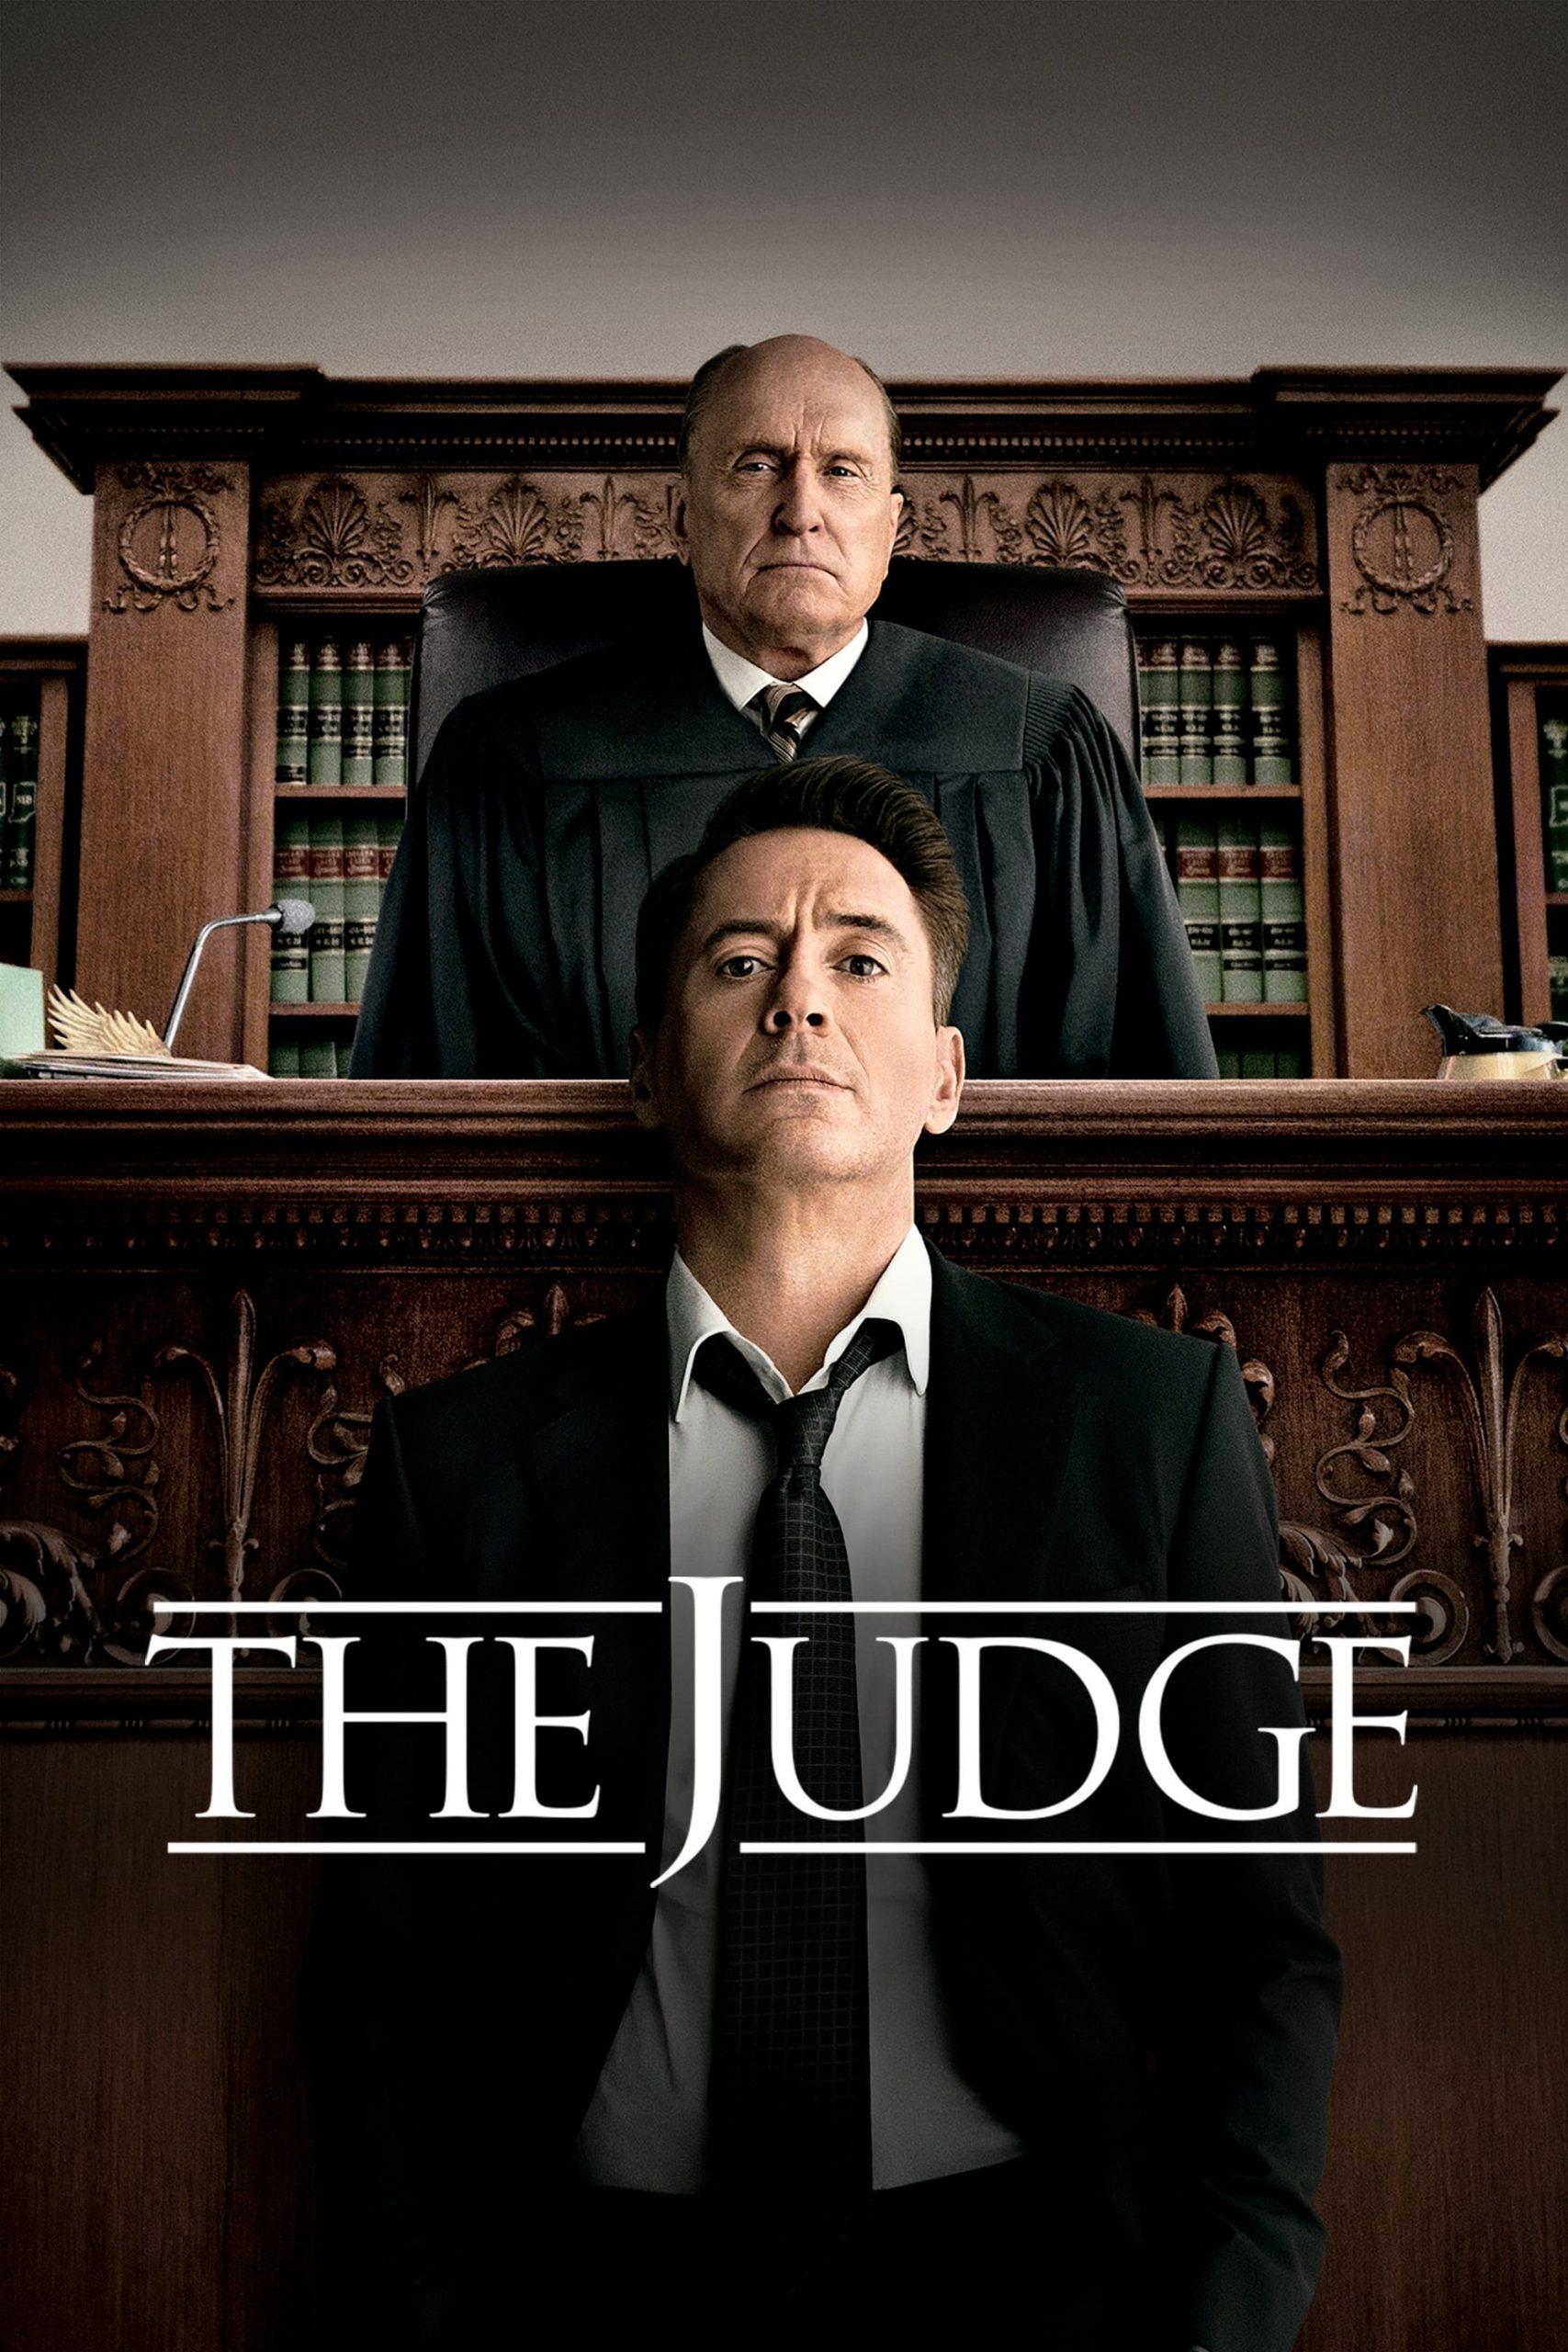 دانلود فیلمThe Judge 2014 با دوبله فارسی